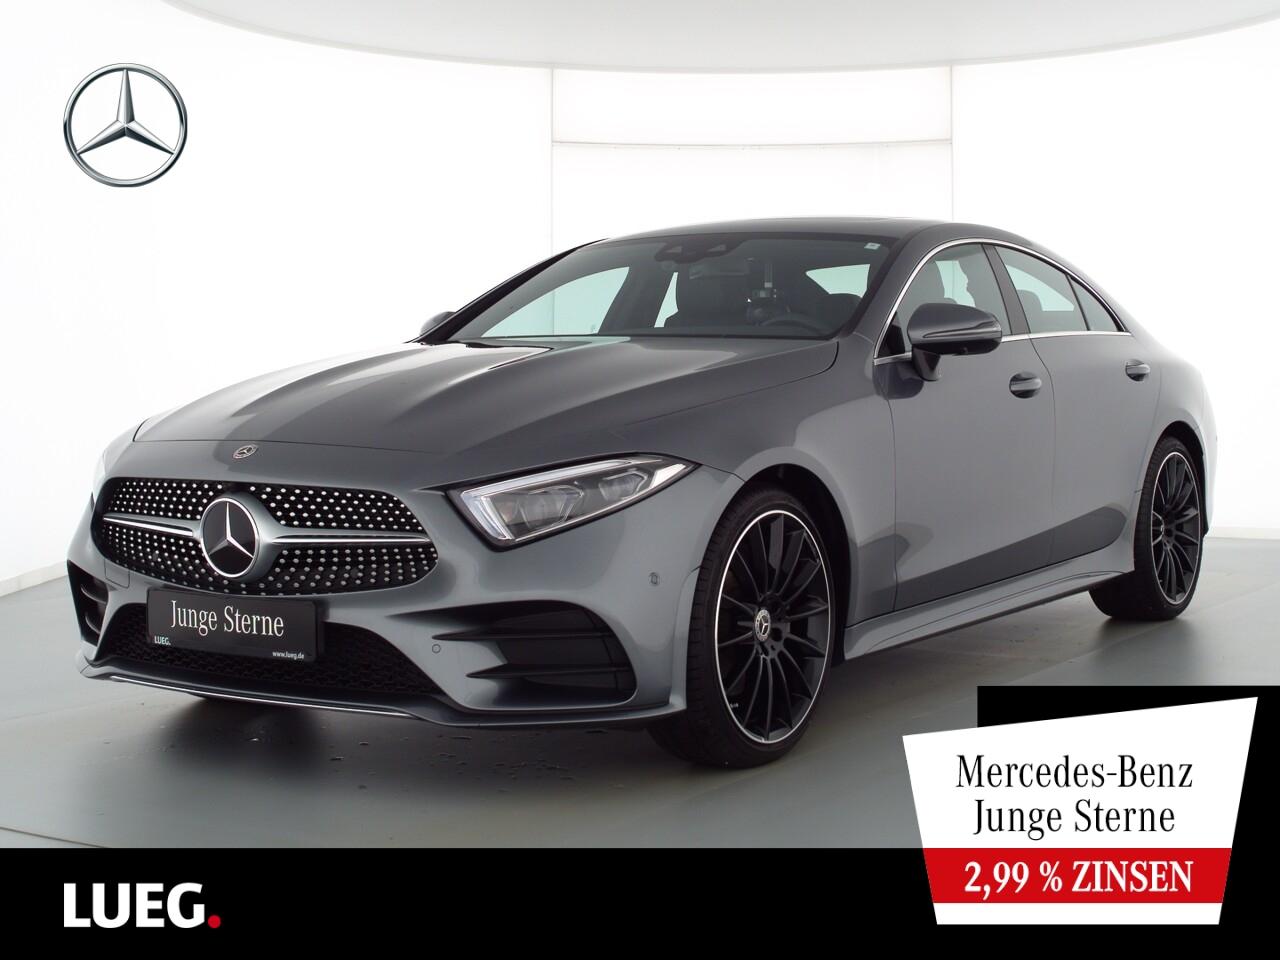 Mercedes-Benz CLS 220 d AMG+MBUXHighEnd+SHD+Mbeam+20''+Wide+36, Jahr 2020, Diesel